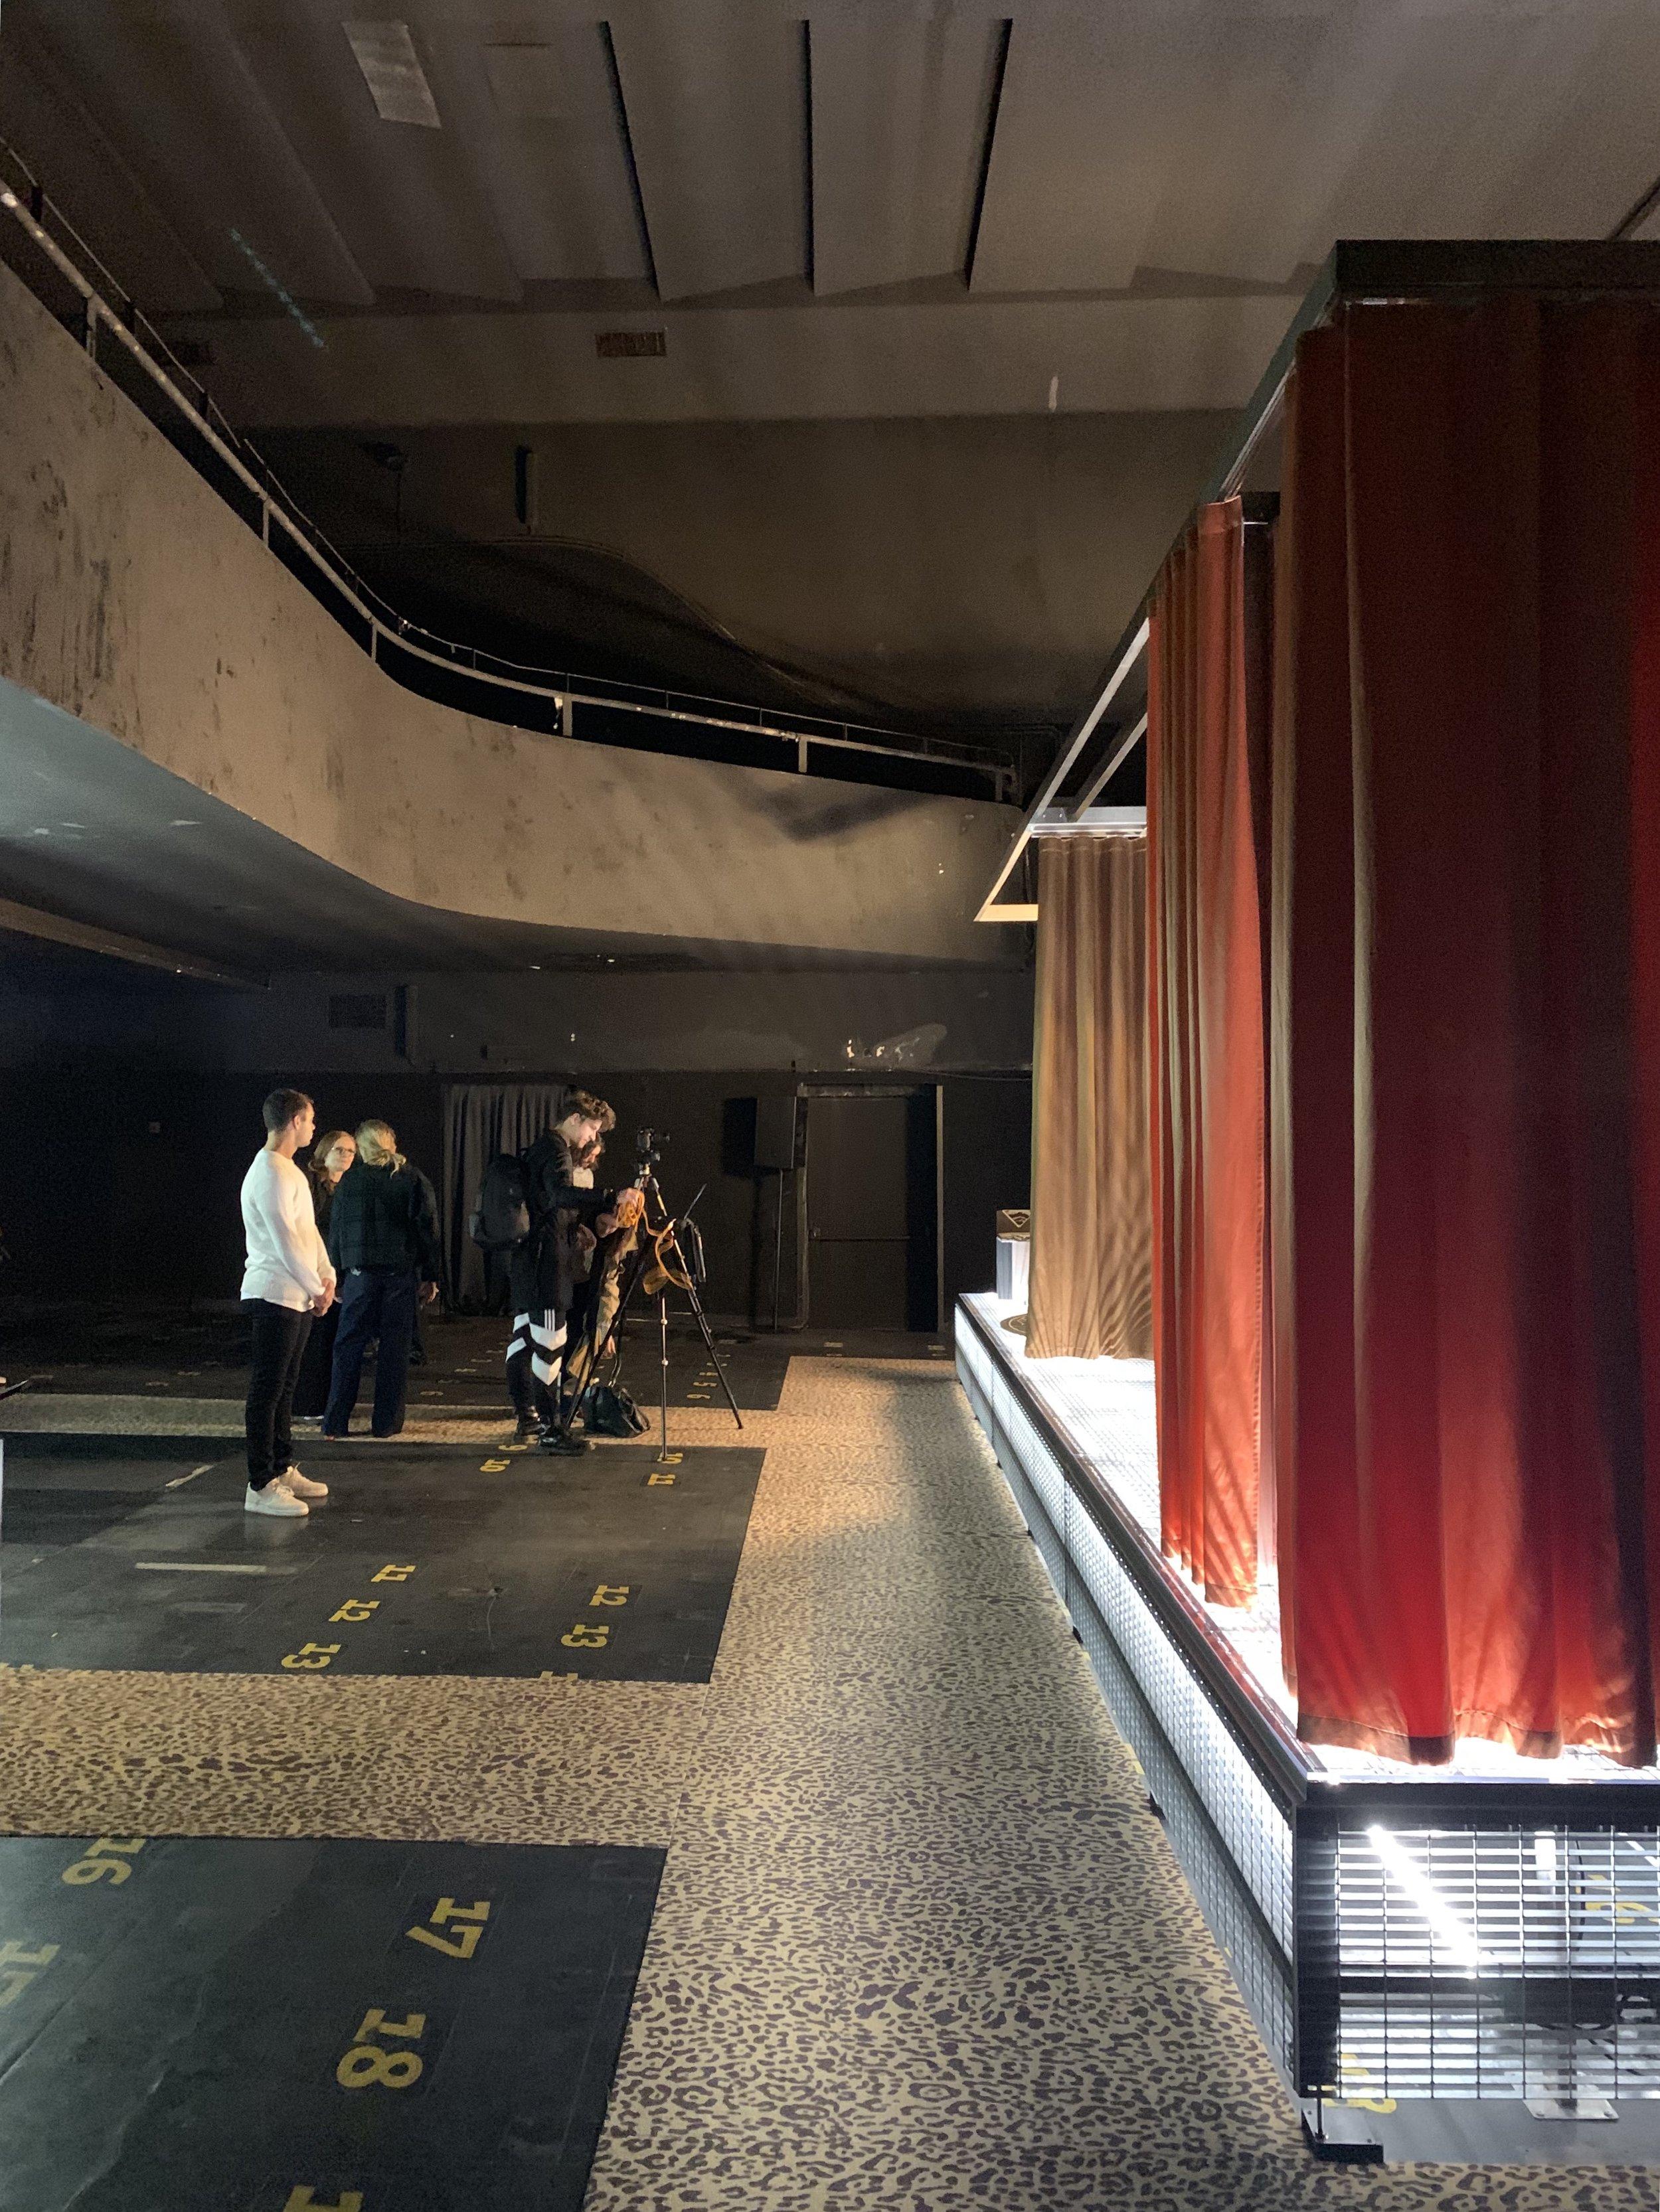 017 Salone del Mobile 2019 Lex de gooijer interiors rotterdam.jpg